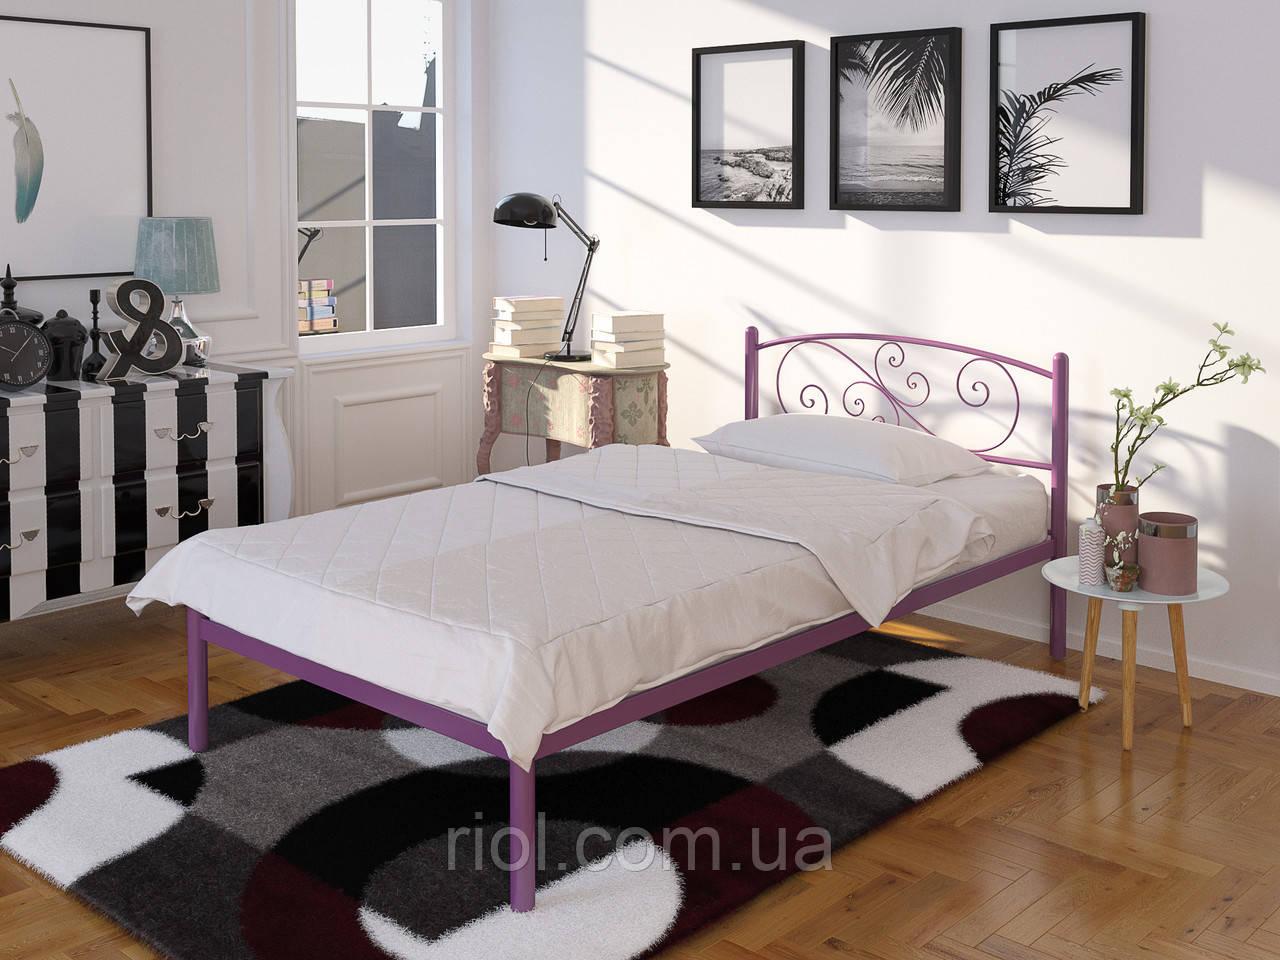 Металлическая кровать Лилия (мини) ТМ Тенеро